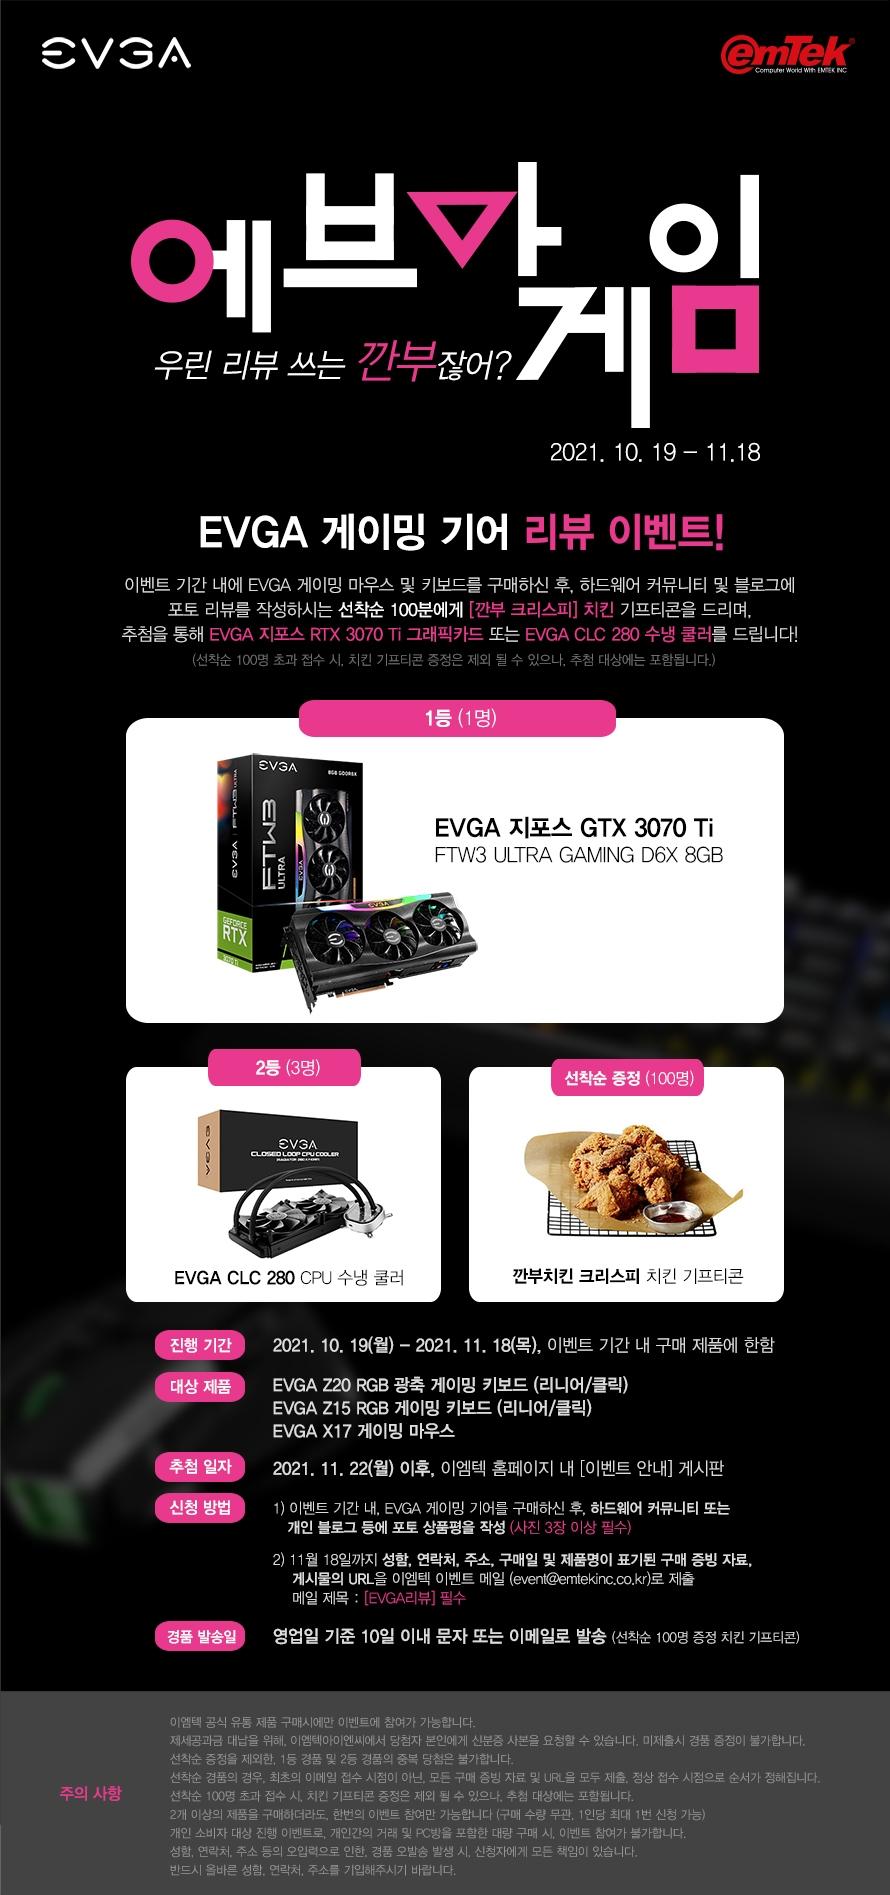 이엠텍, EVGA 게이밍 기어 리뷰 시, RTX 3070 Ti, CLC 280 추첨 증정!